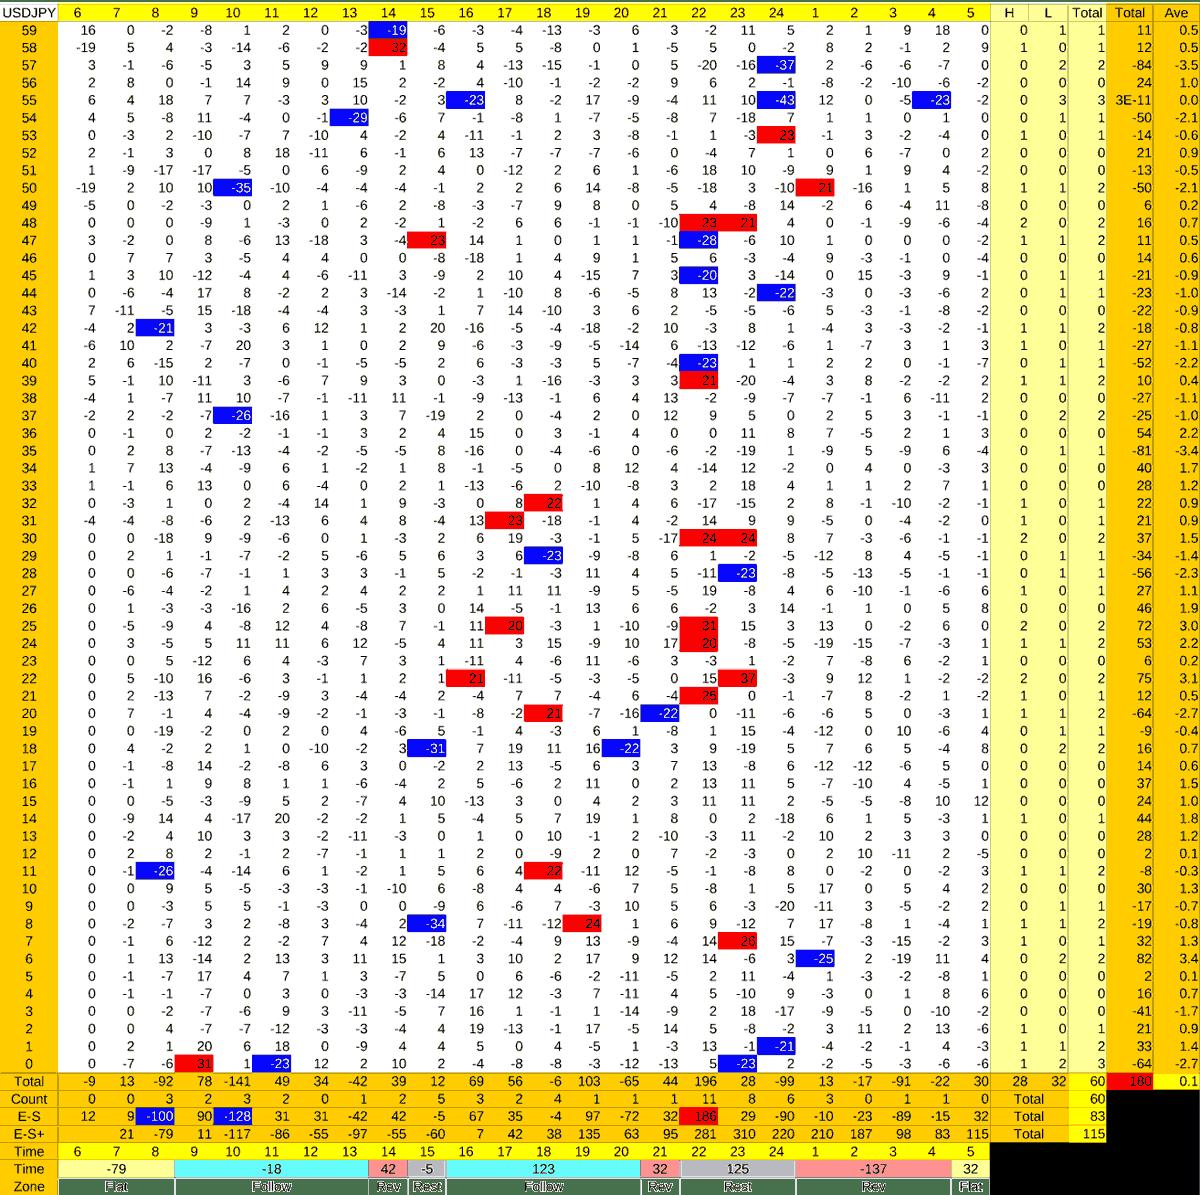 20210324_HS(1)USDJPY-min